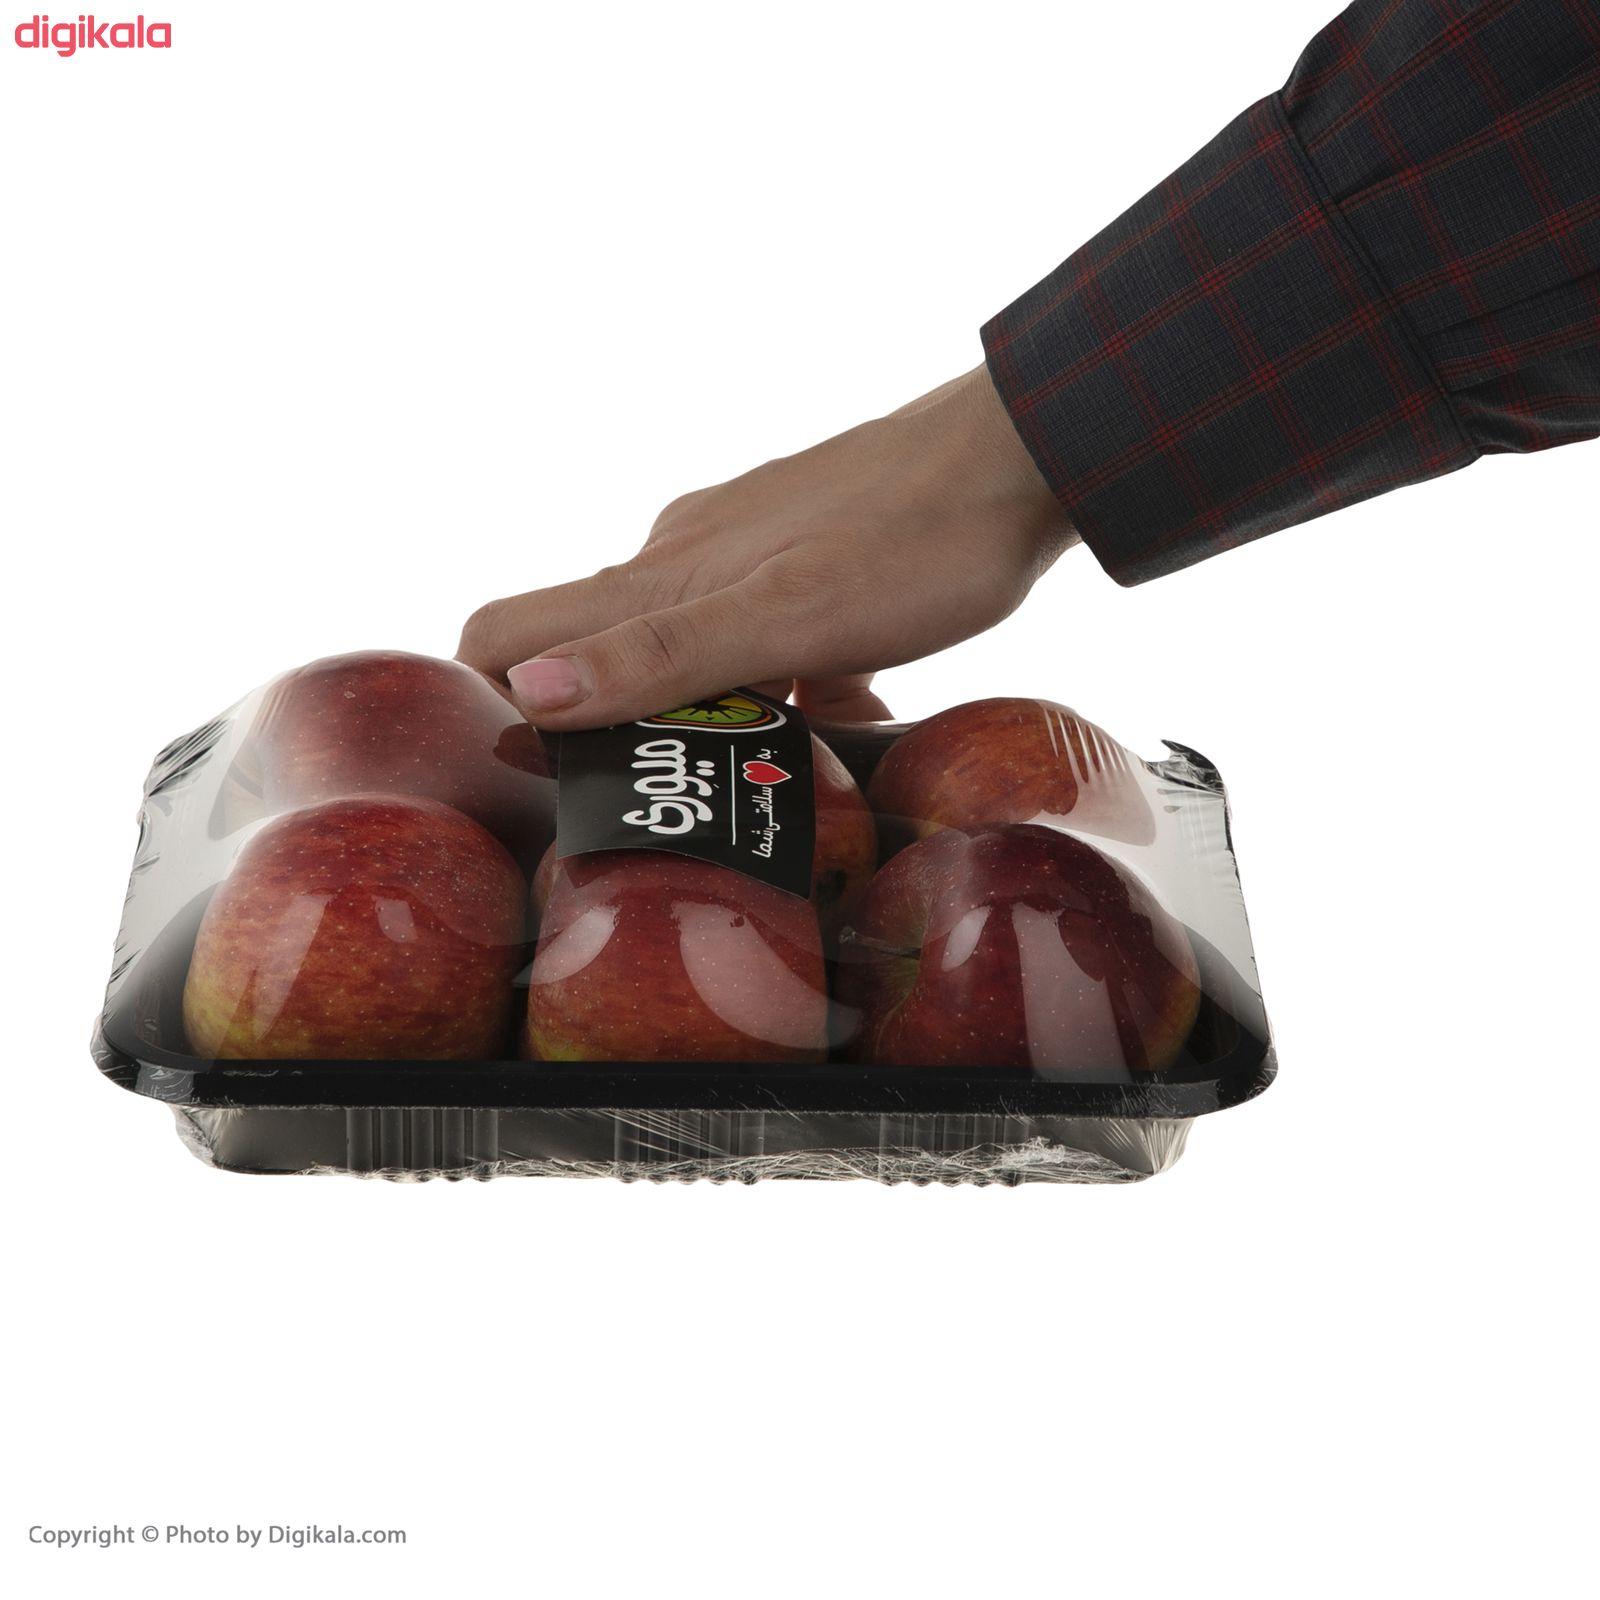 مینی سیب قرمز میوری - 750 گرم   main 1 1